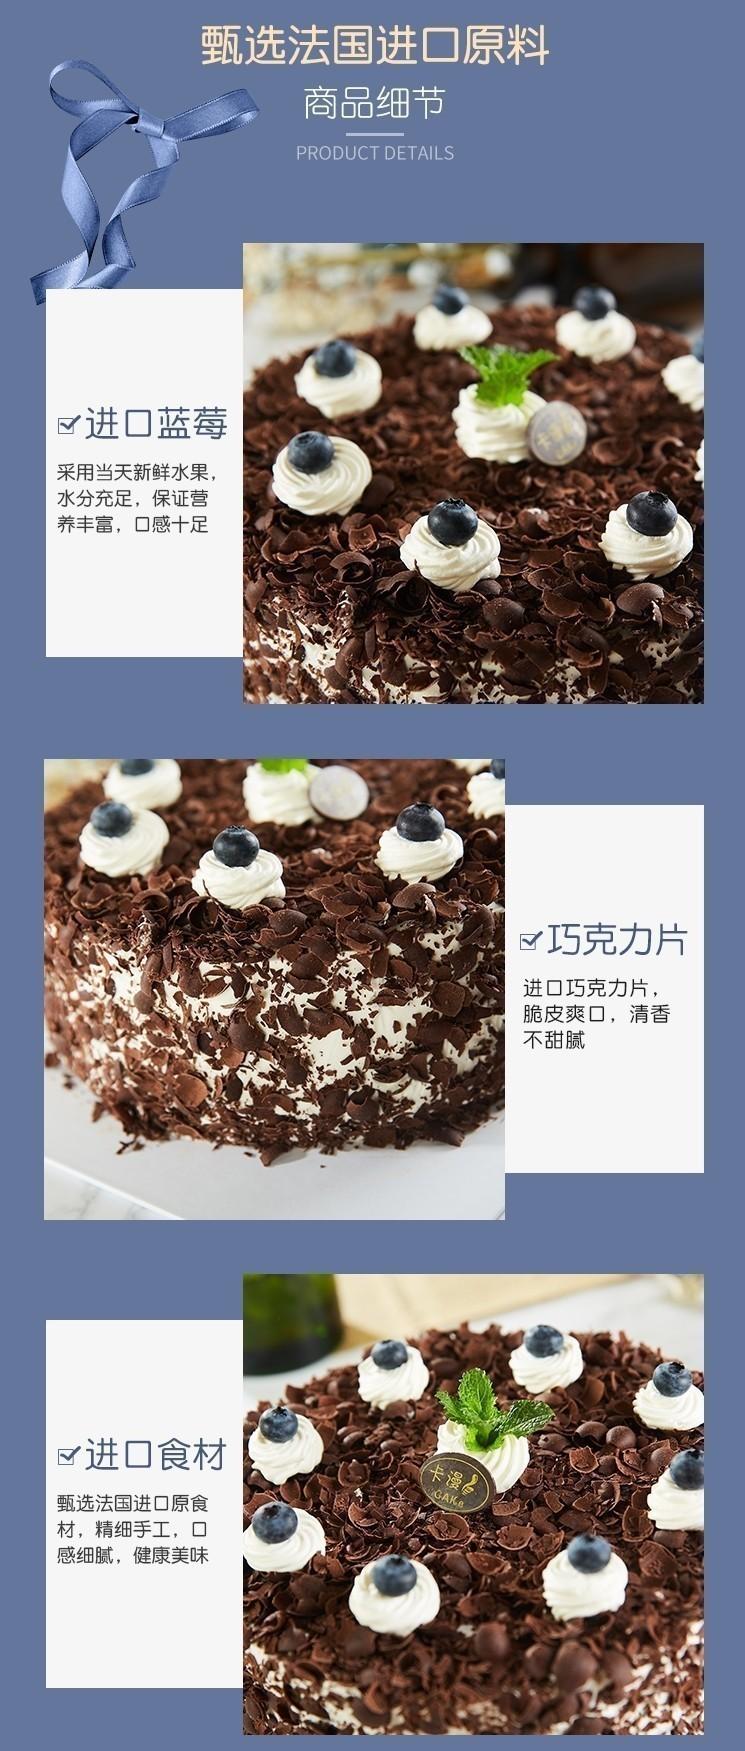 【上海7店苏州4店可配送到家】88元购卡漫莫尼8寸蛋糕10款可选!精选法国进口原材料!手工制作,造型精美!无法抵御的甜蜜诱惑!